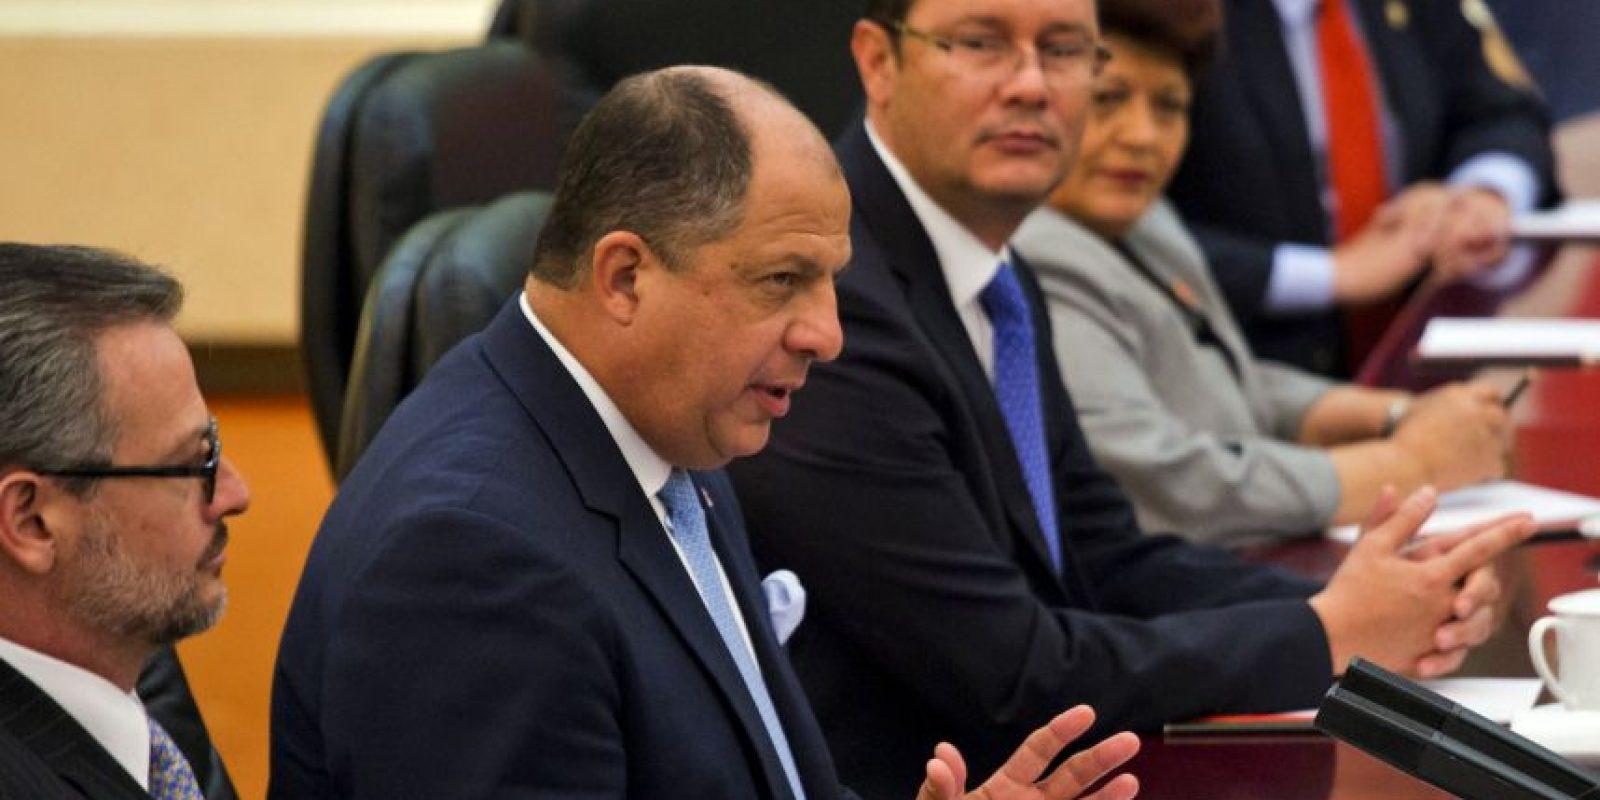 Luis Guillermo Solís, Presidente de Costa Rica – Cumbre Empresarial de las Américas Foto:Getty Images